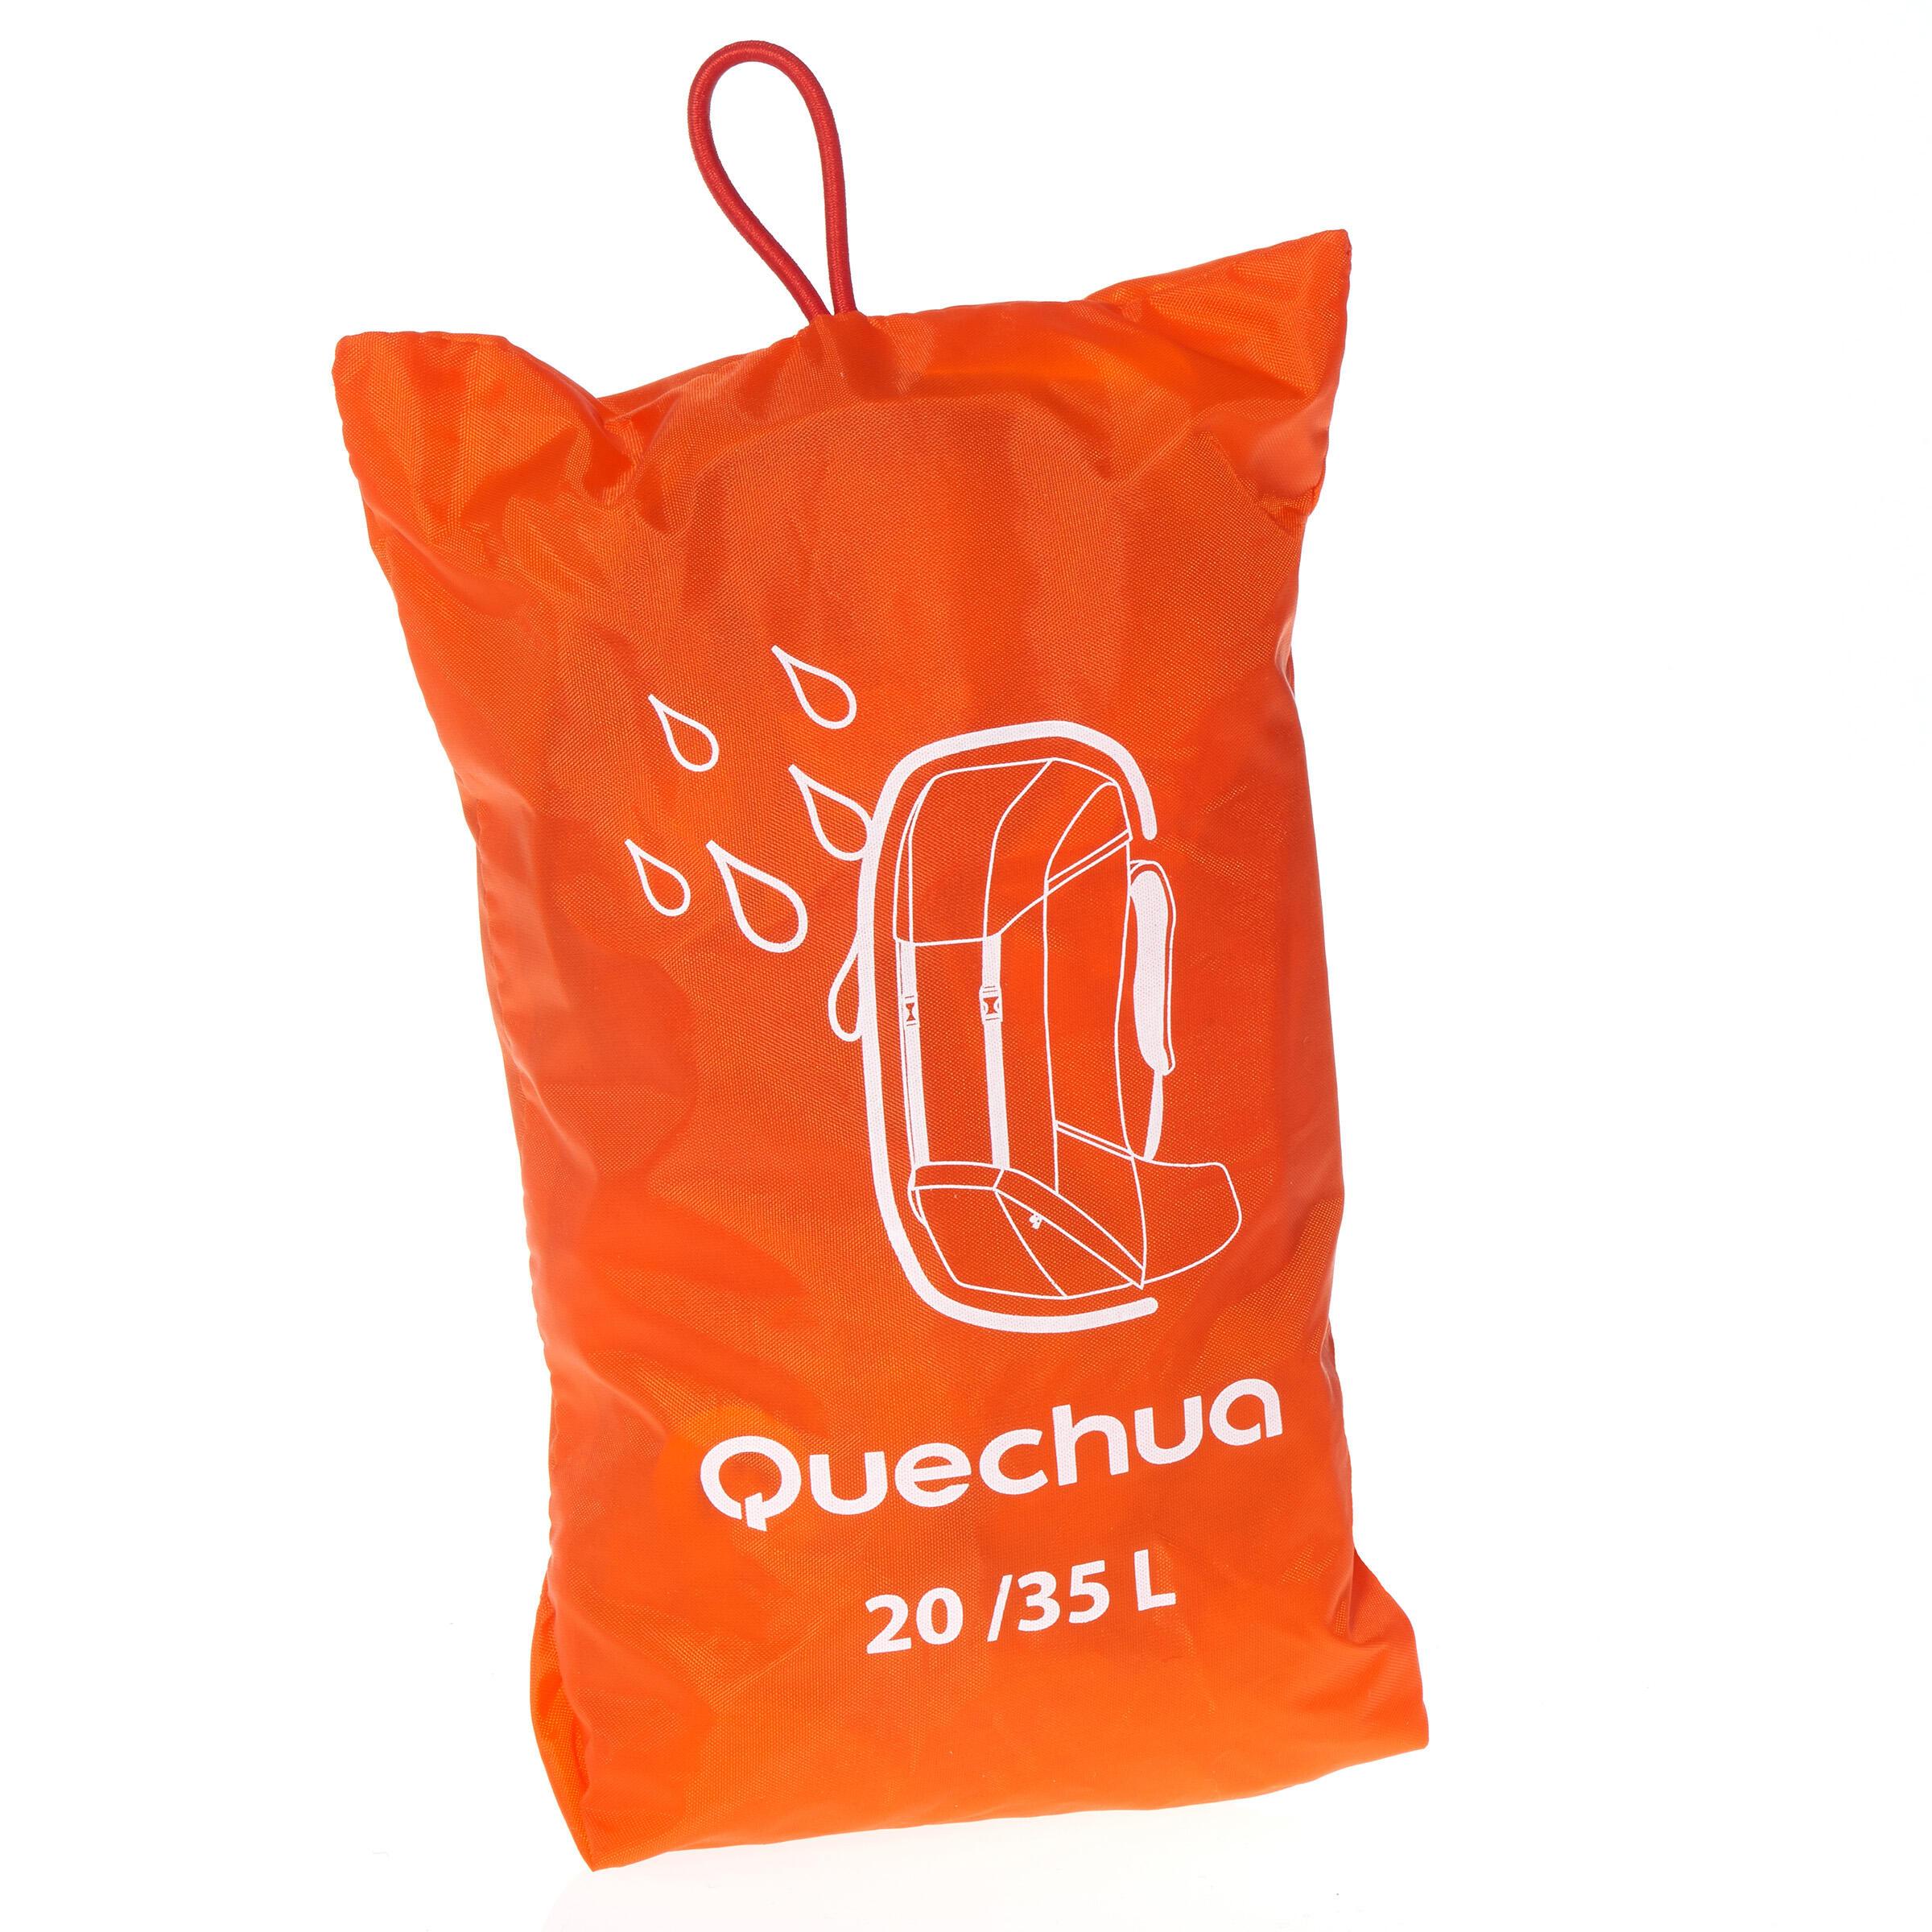 Regenschutzhülle für 20- bis 35-Liter-Rucksäcke | Taschen > Rucksäcke > Wanderrucksäcke | Forclaz